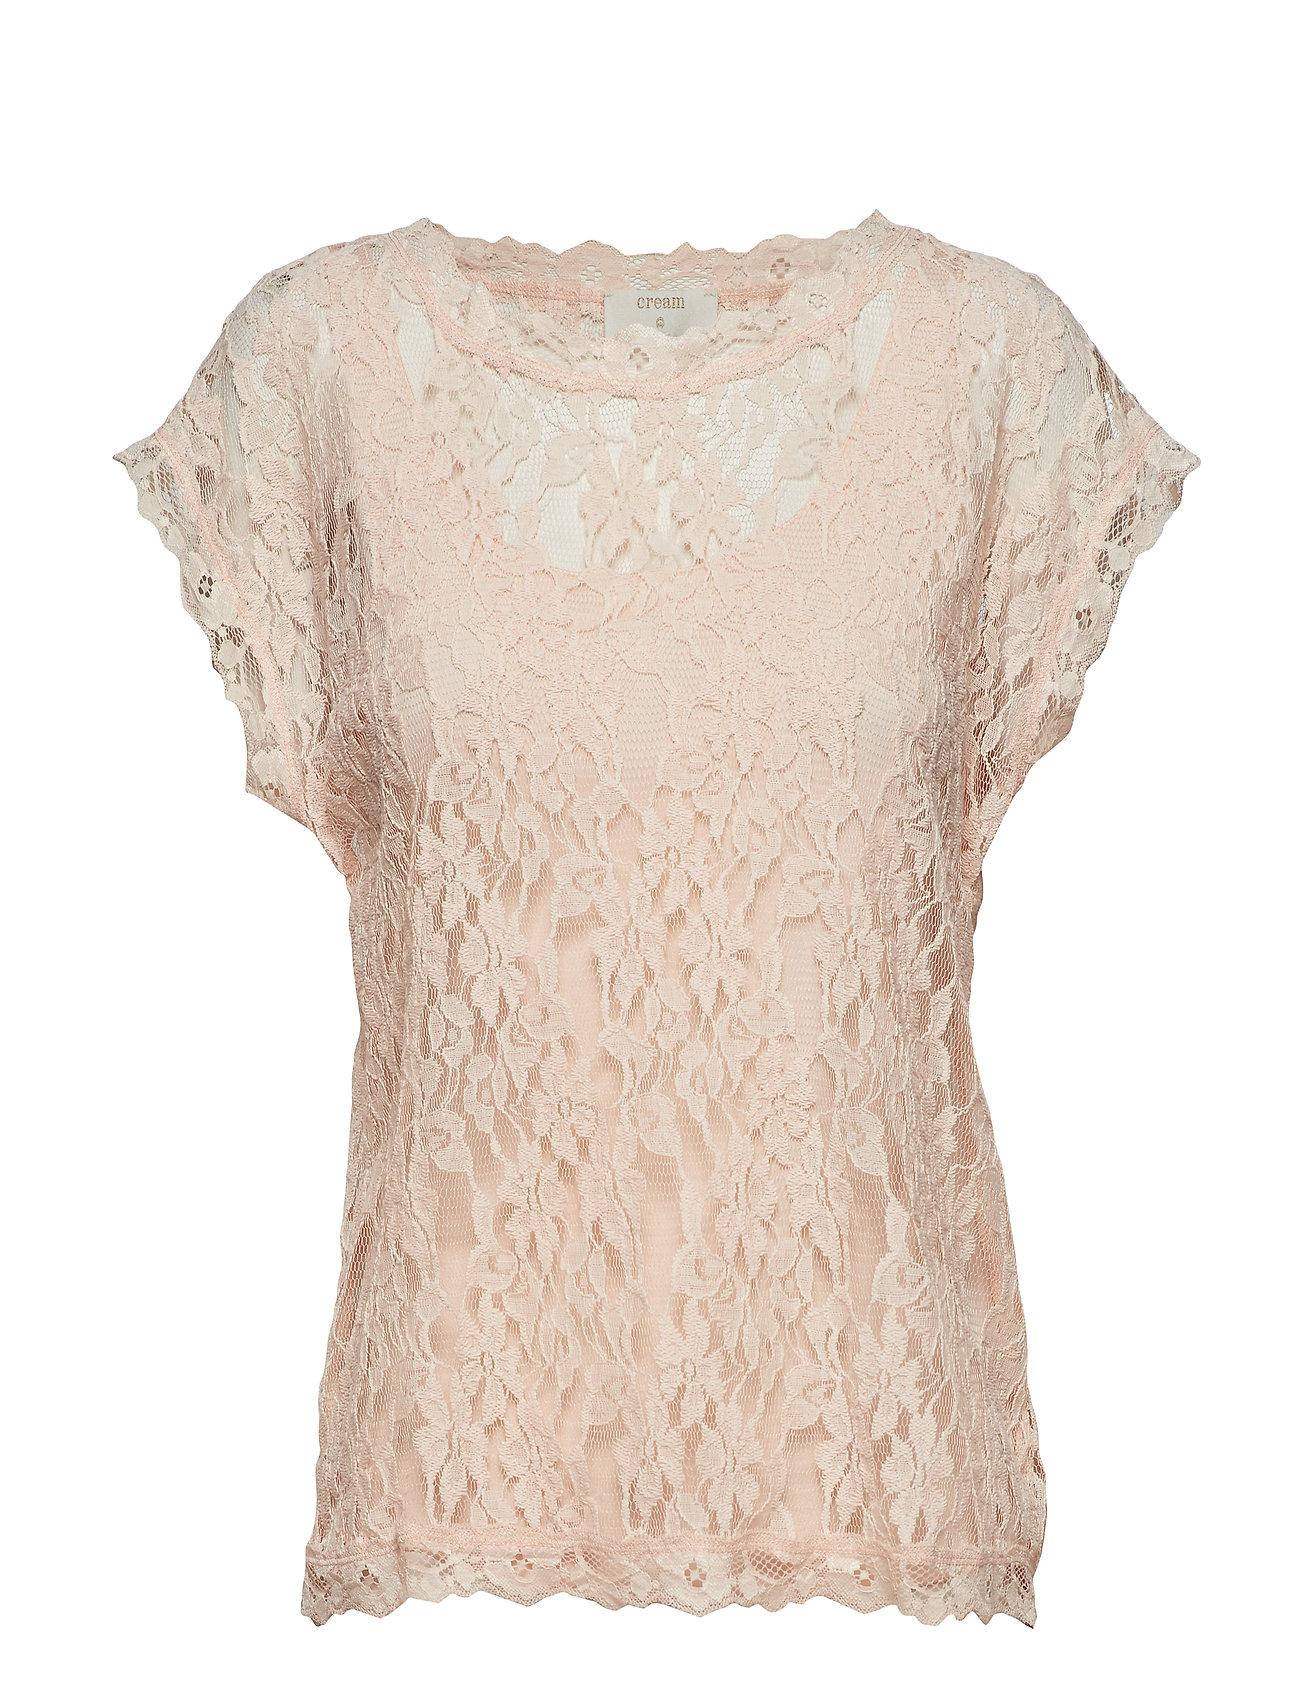 Cream Vivi Lace Blouse - SUNSHINE ROSE